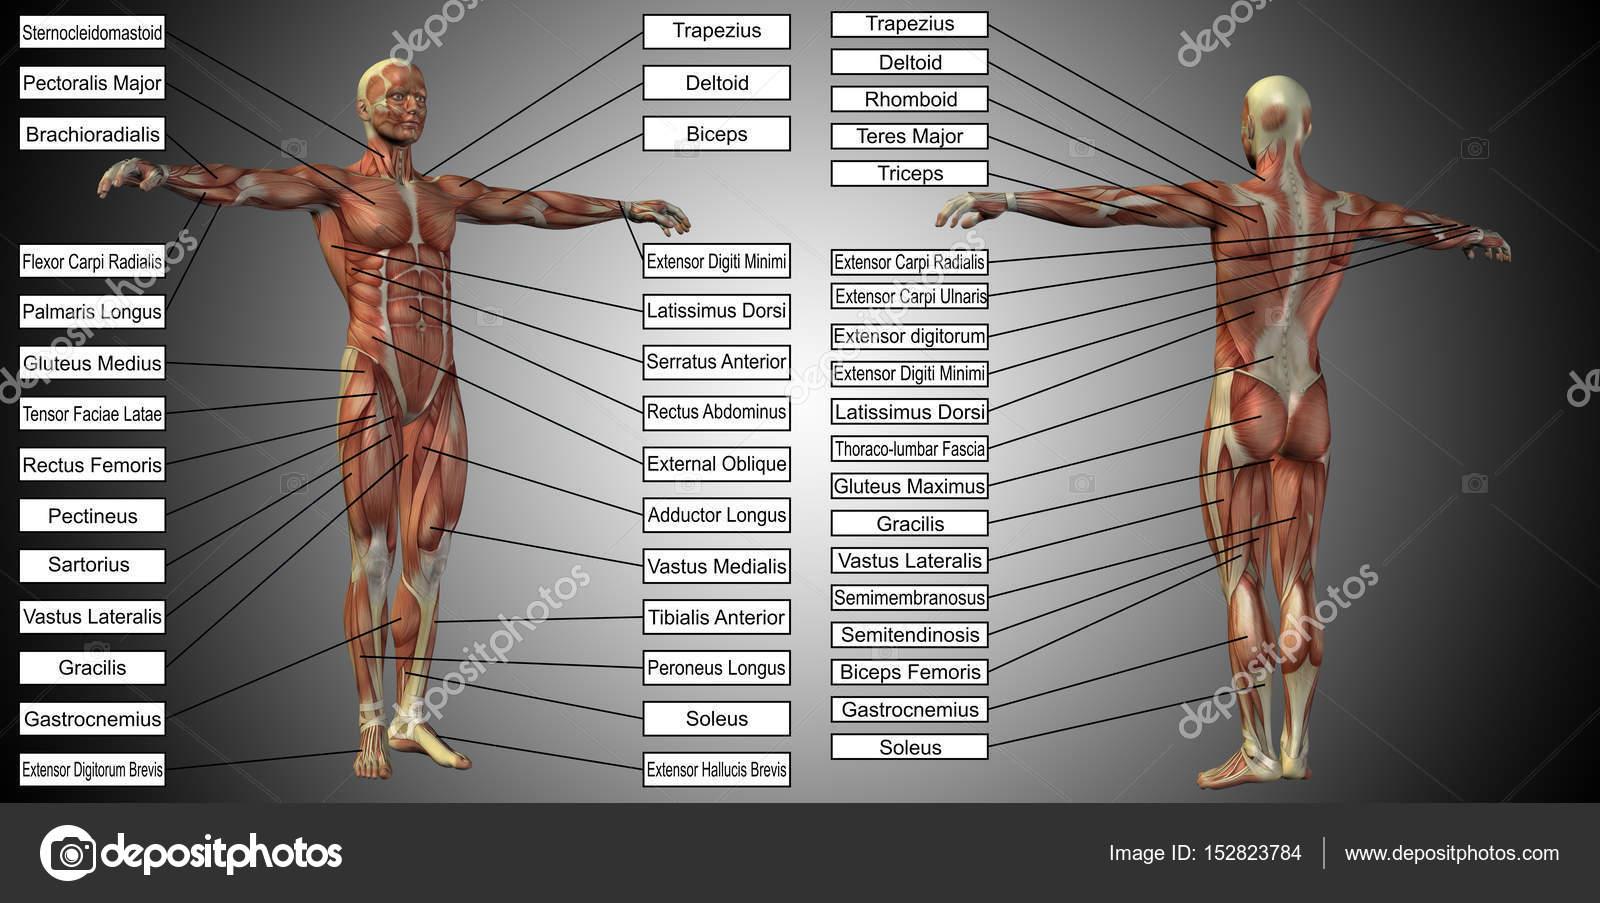 männlich oder menschliche Anatomie — Stockfoto © design36 #152823784